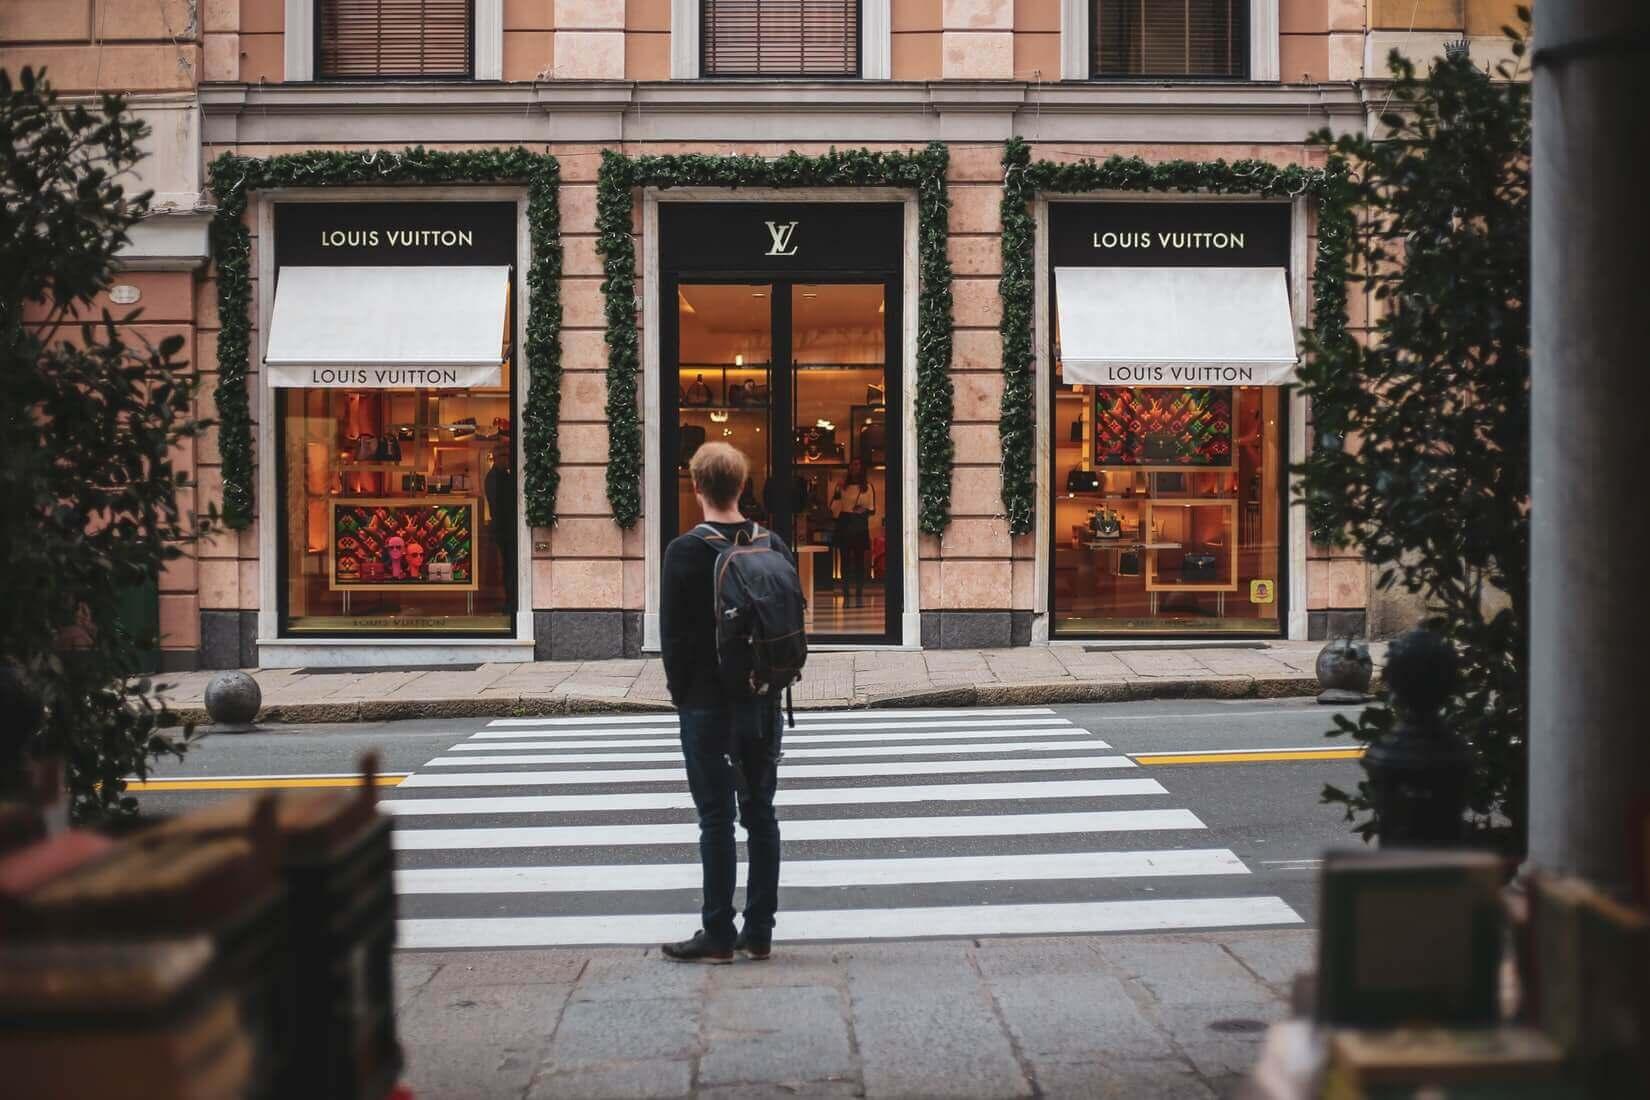 Бесплатные музеи и оливки: как сэкономить в Генуе